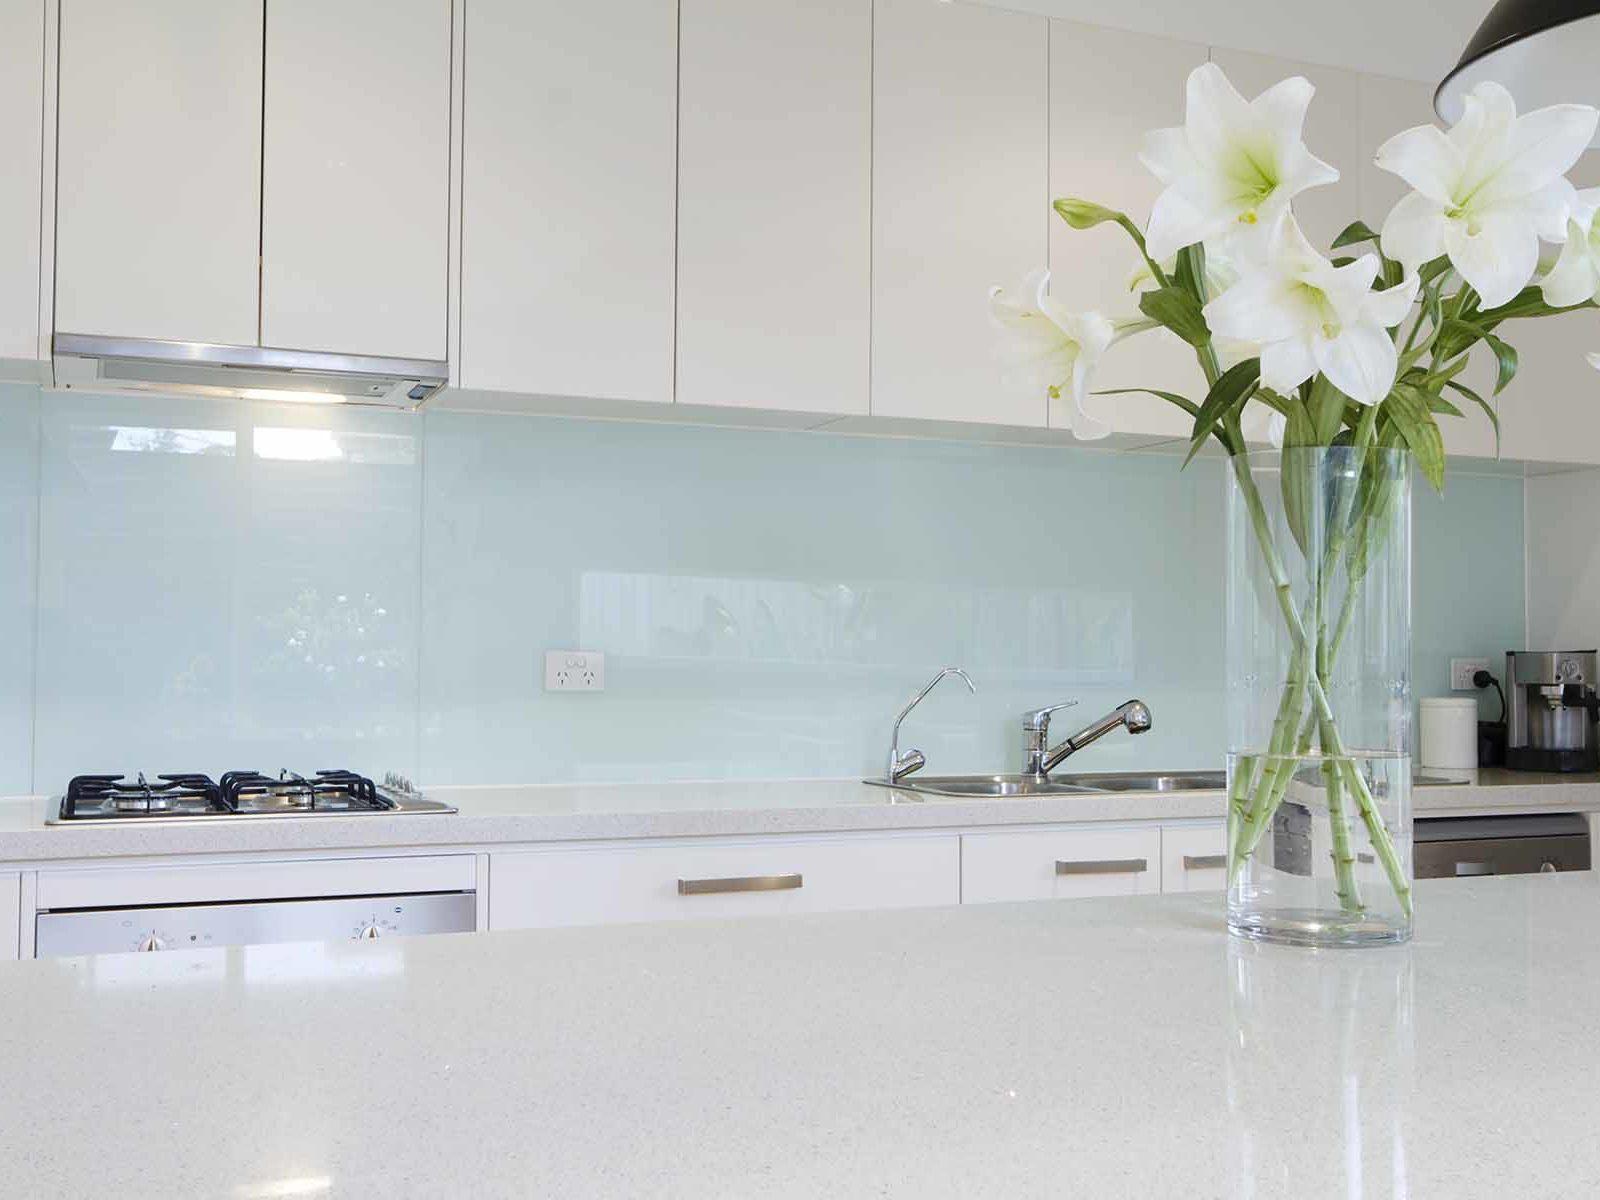 Glass over kjøkkenbenk